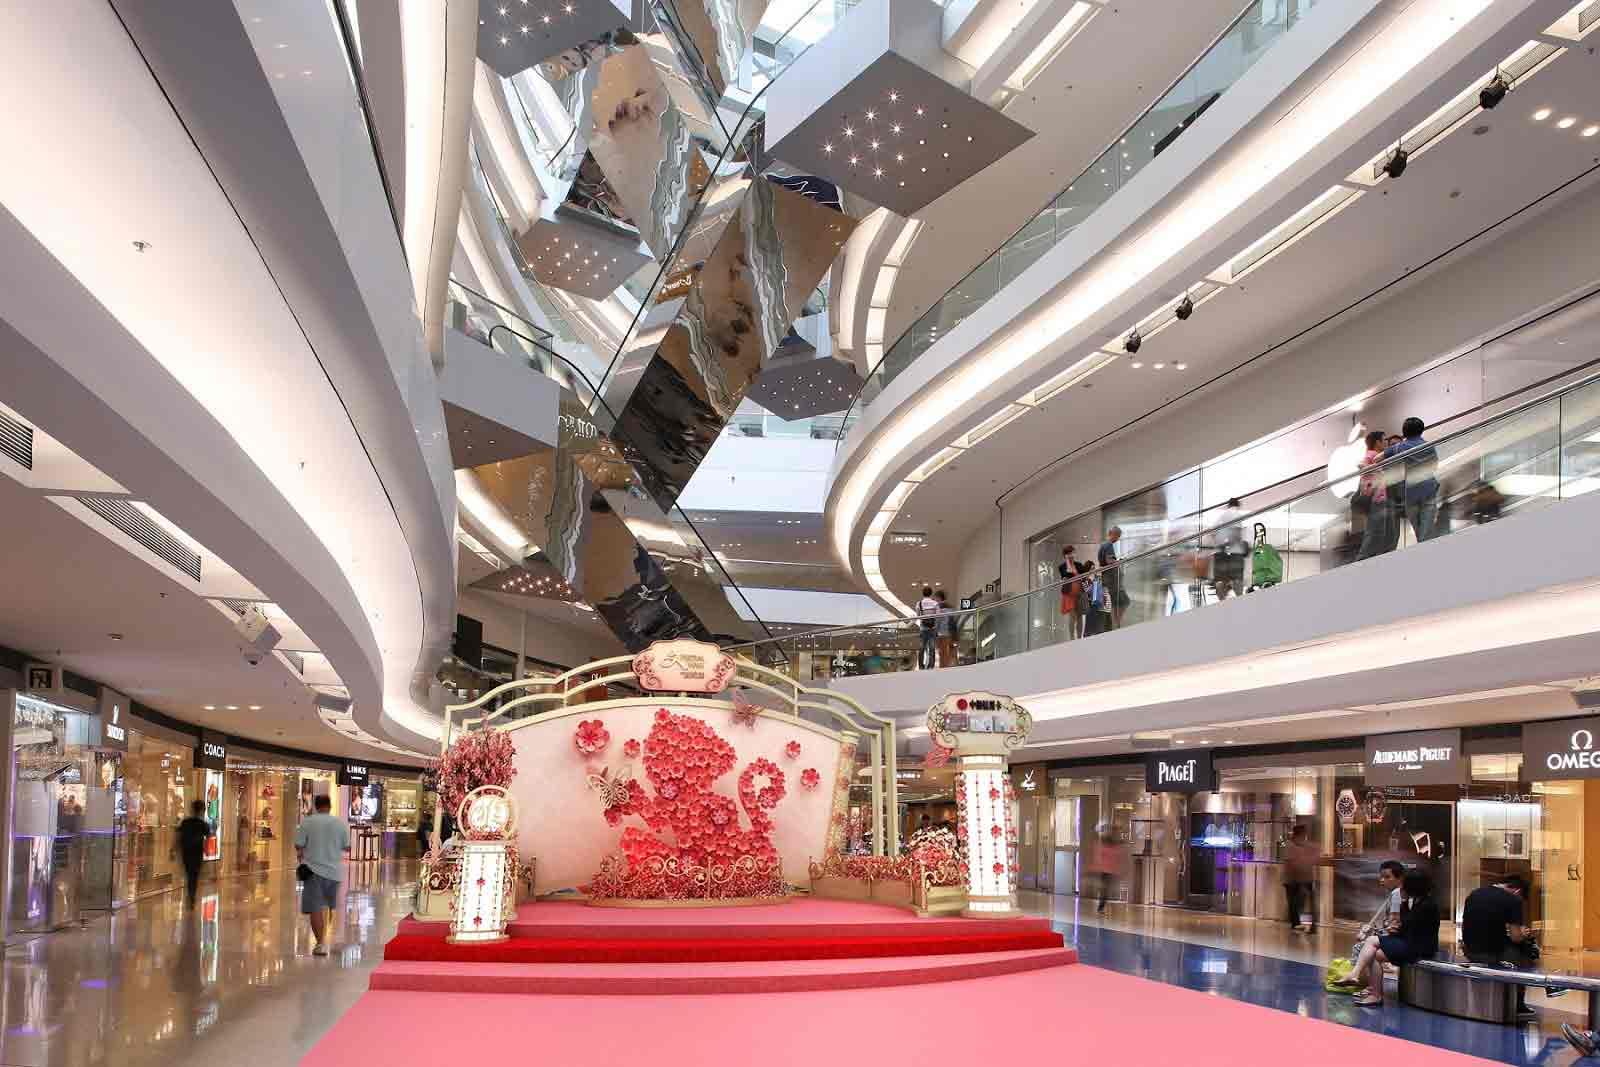 foto dekorasi imlek di mall atau kantor